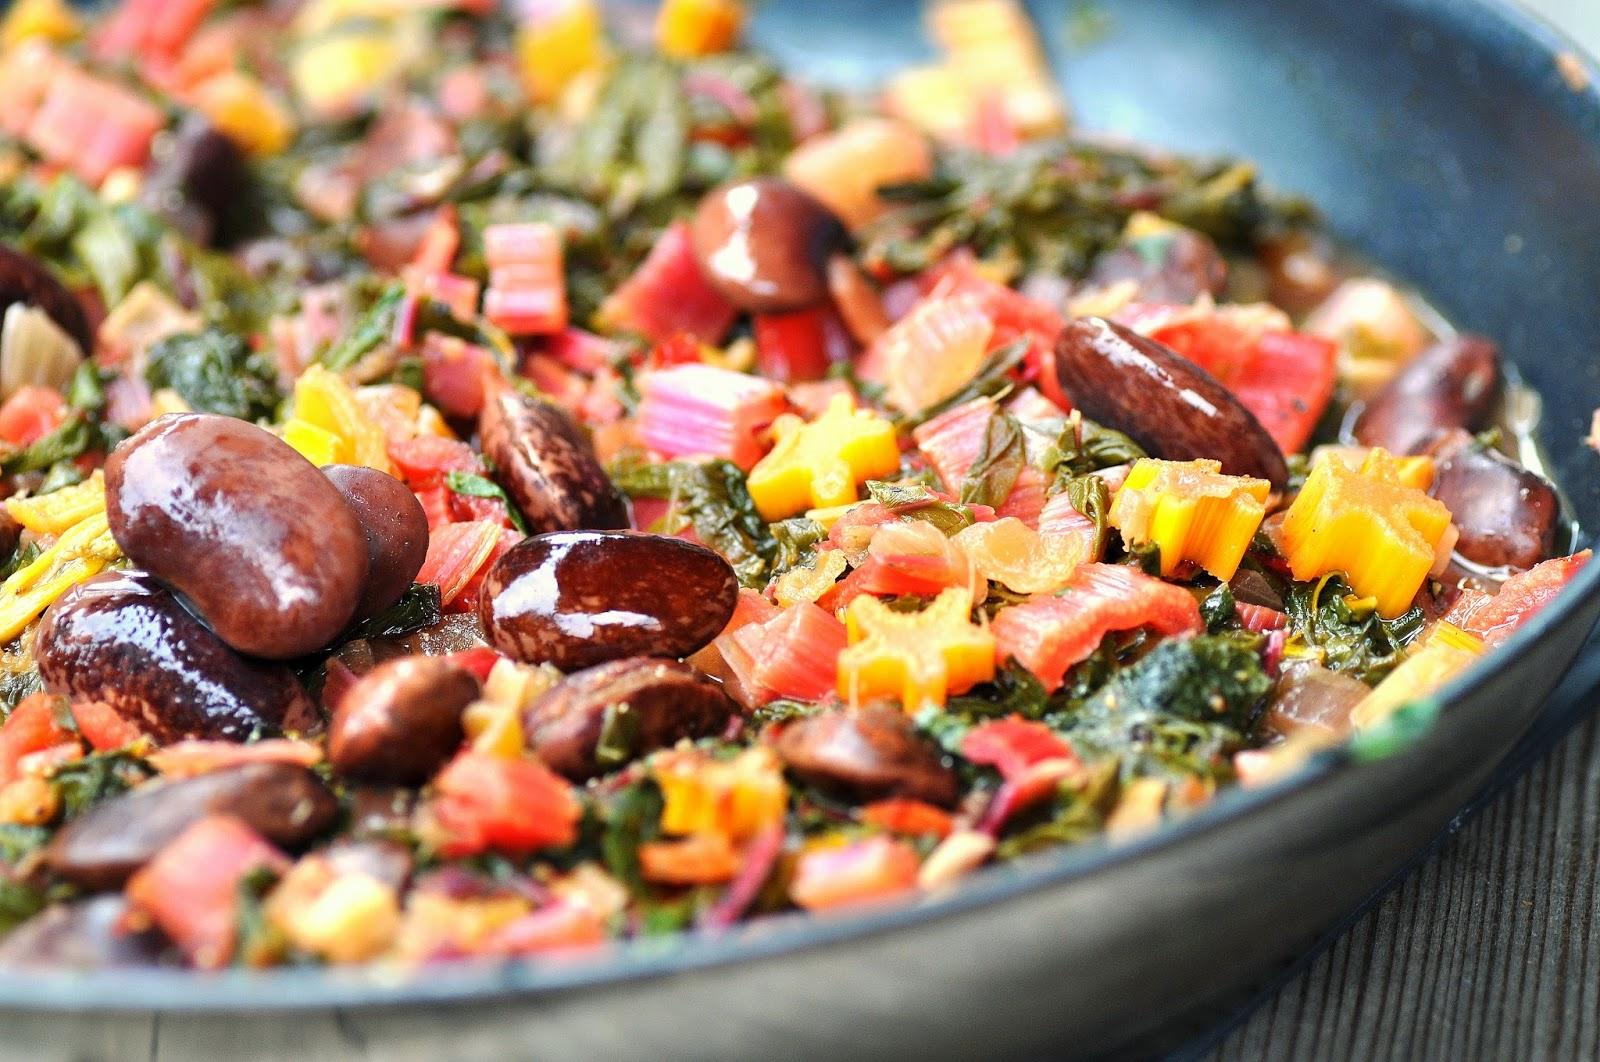 Mangold Käferbohnen Gemüse Zum Steirischen Lamm Kubiena Kochblog